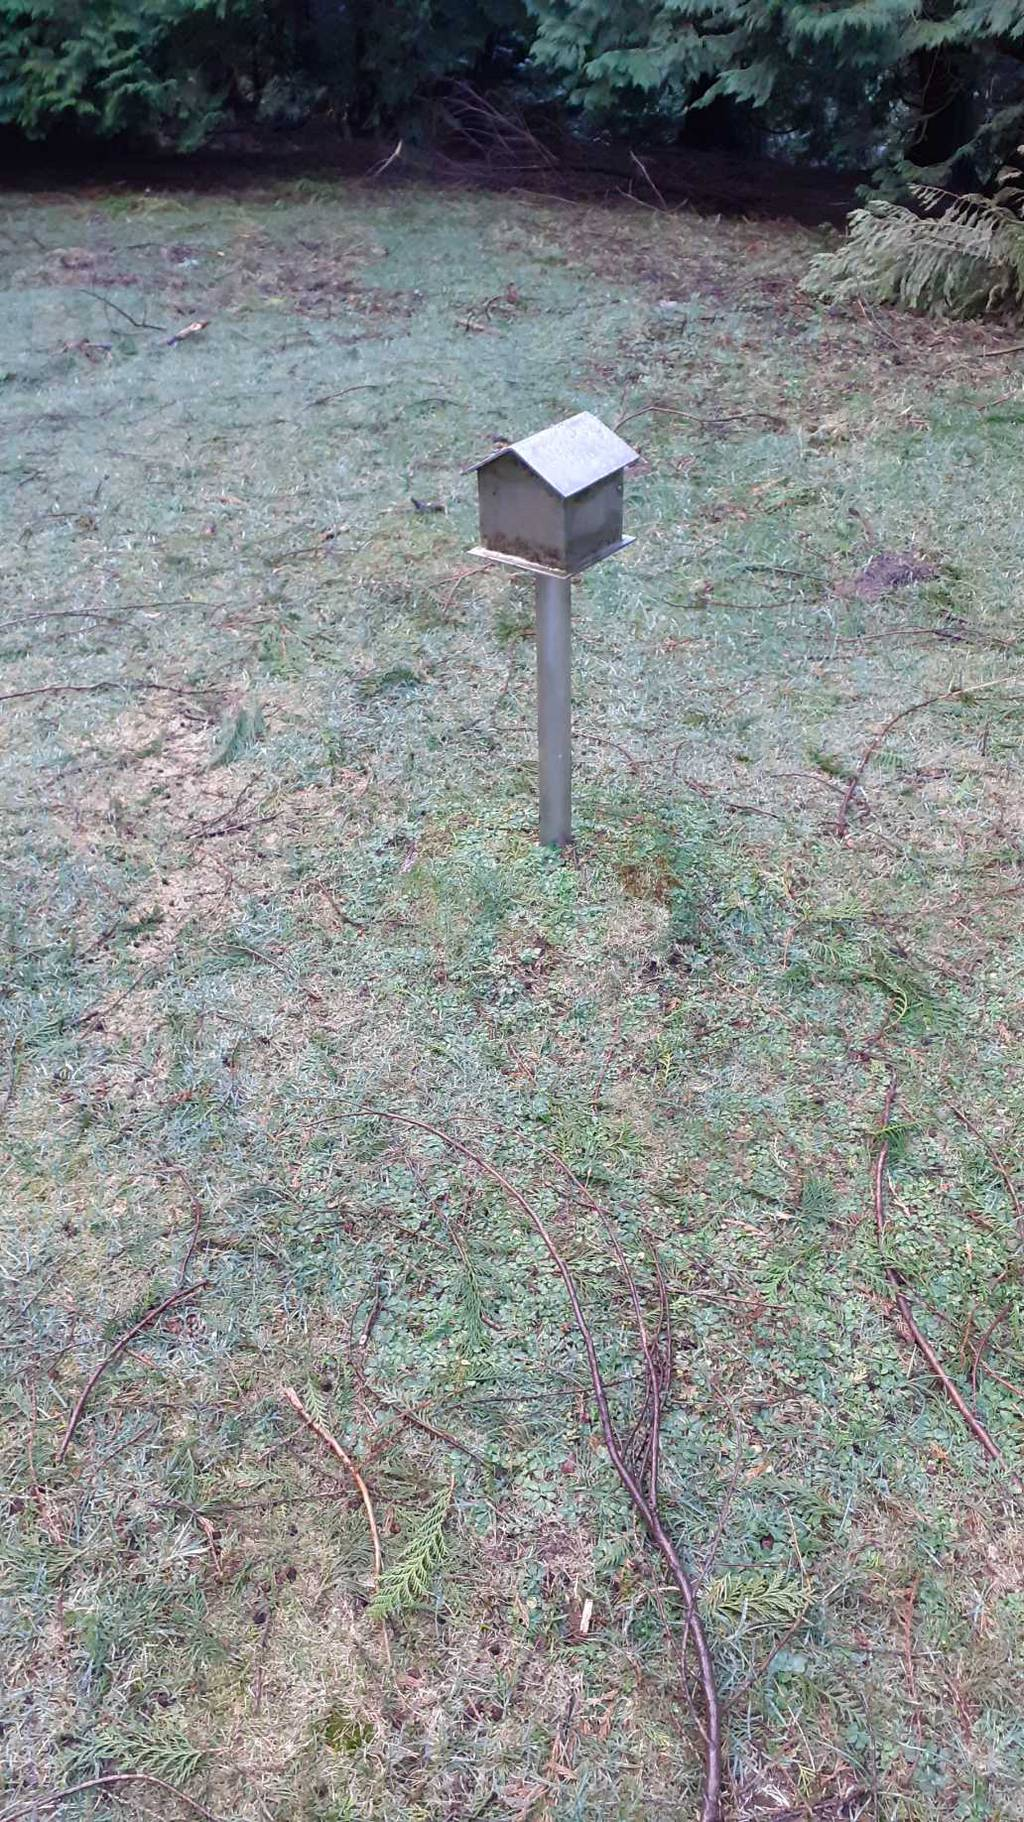 lina aranceta erabiltzailea Arluziaga puntan, 2021-02-23 08:28